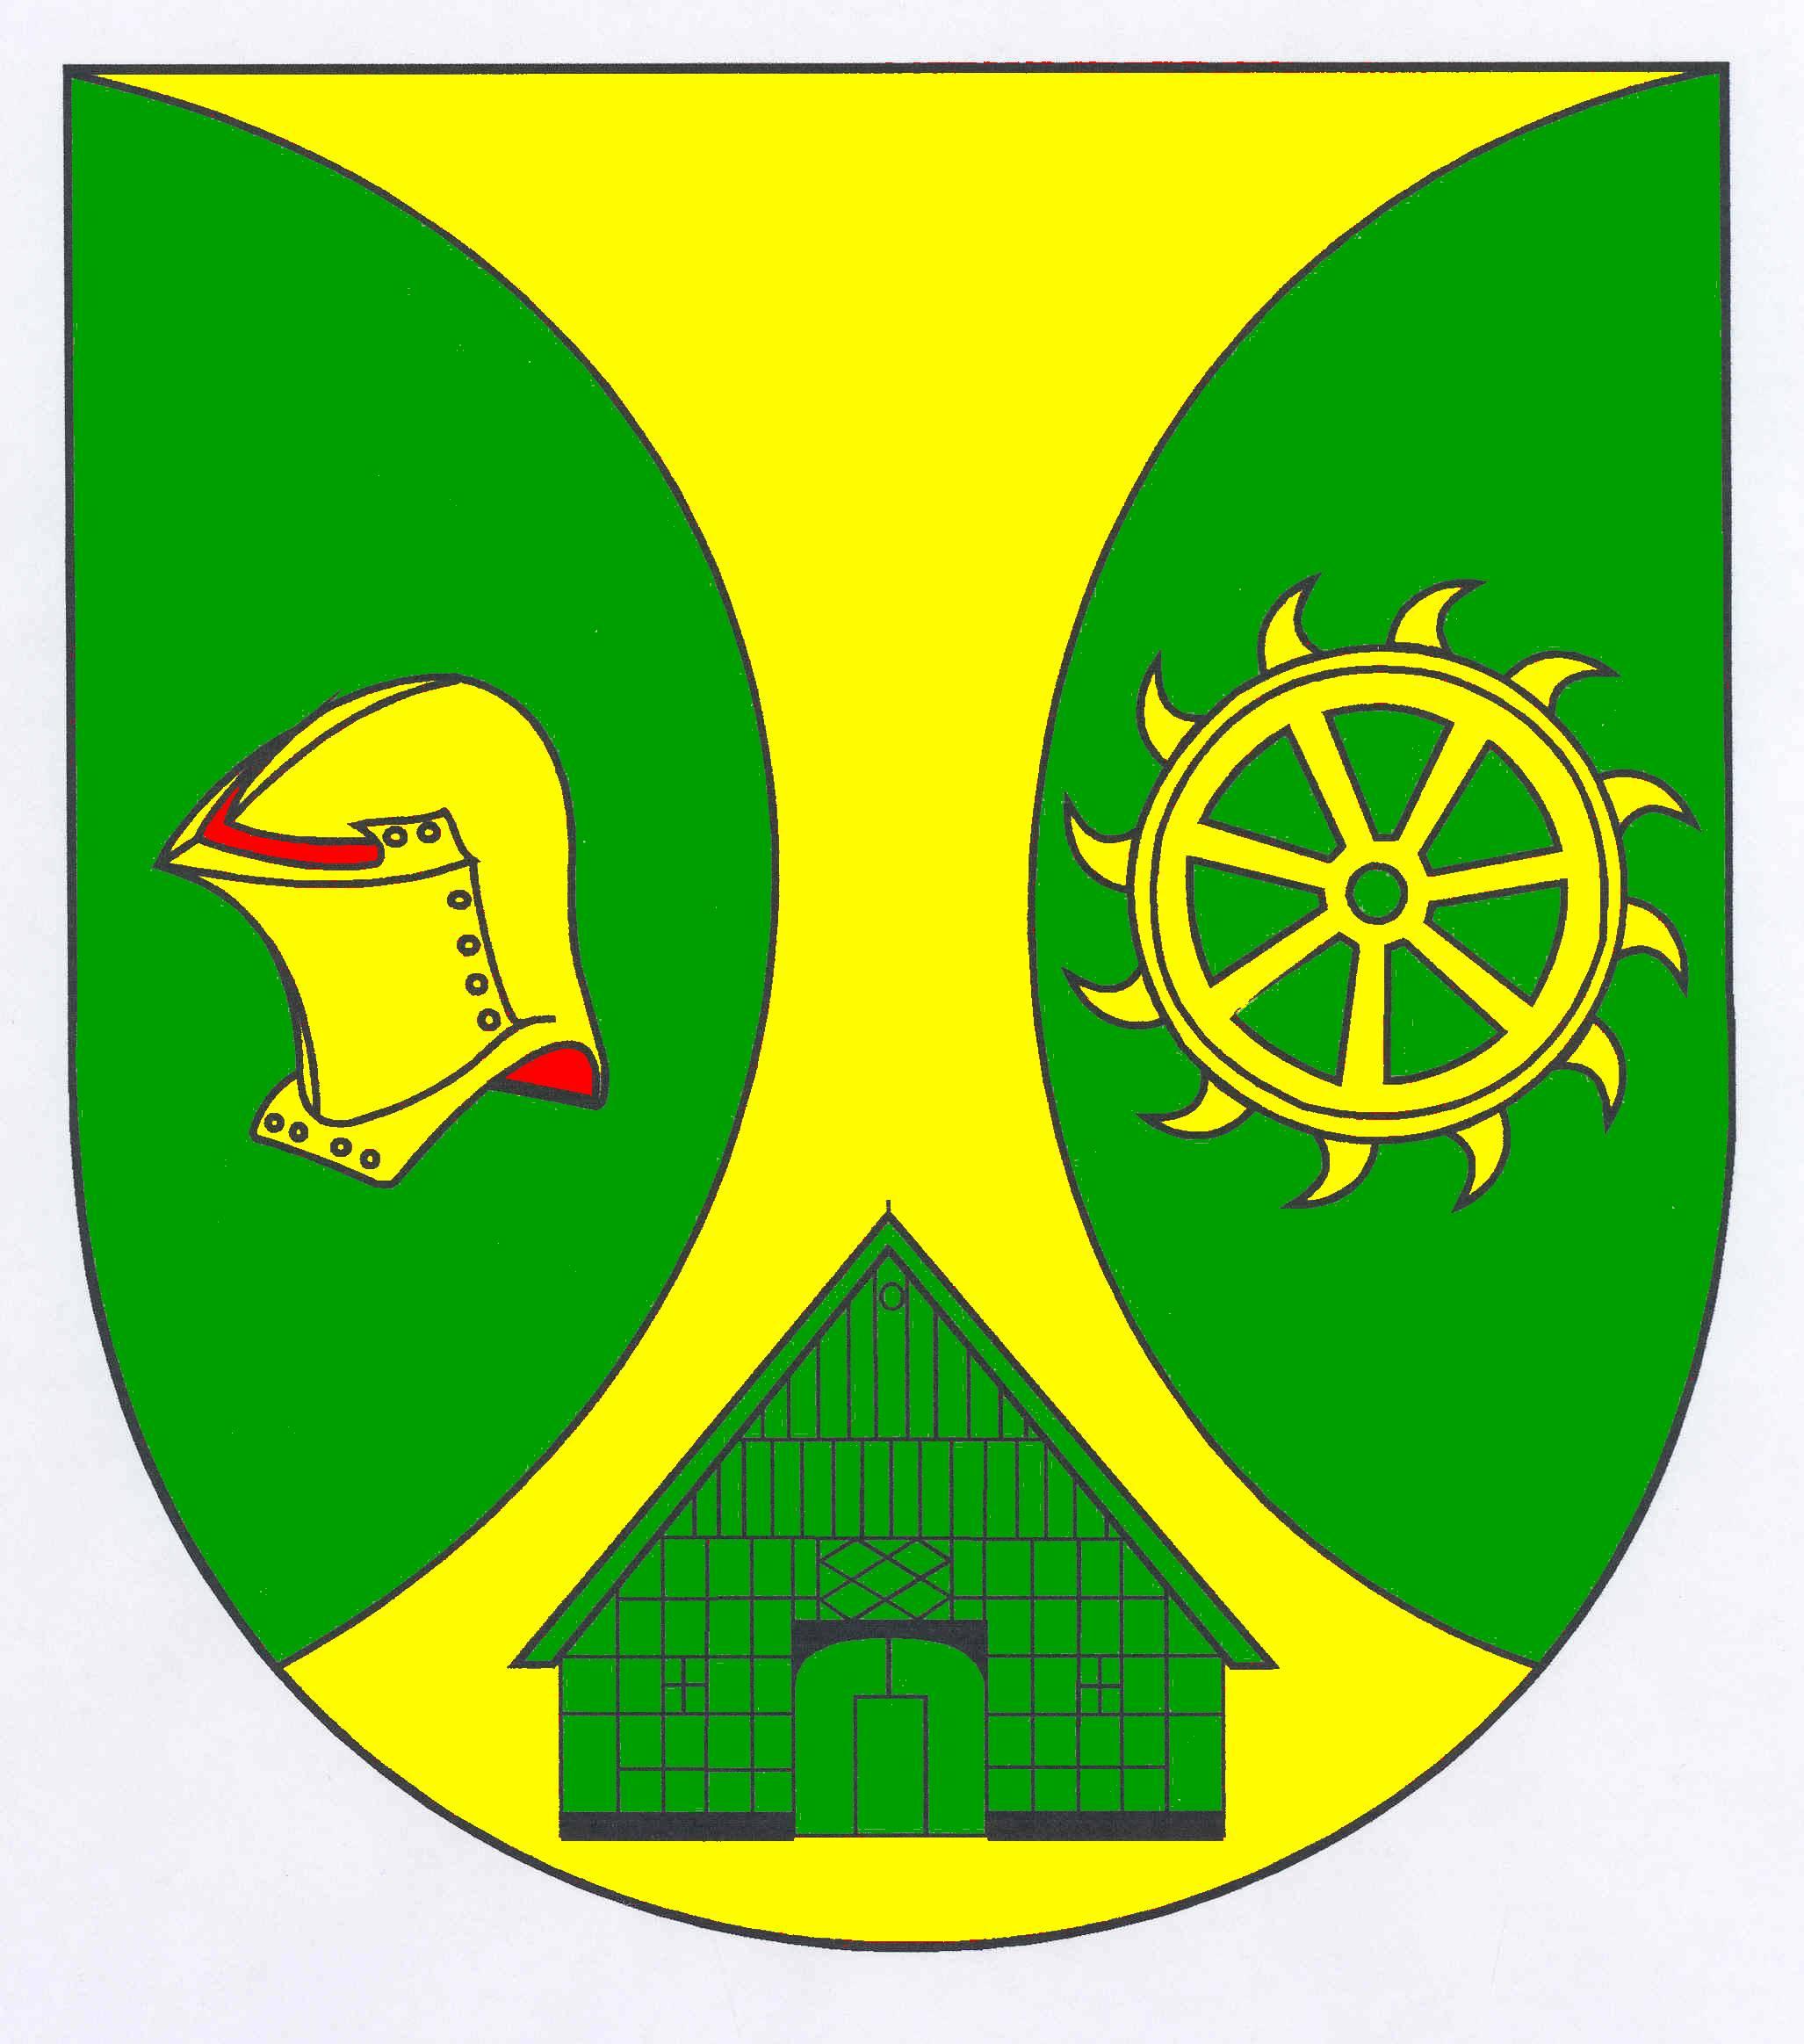 Wappen GemeindeSchmalstede, Kreis Rendsburg-Eckernförde